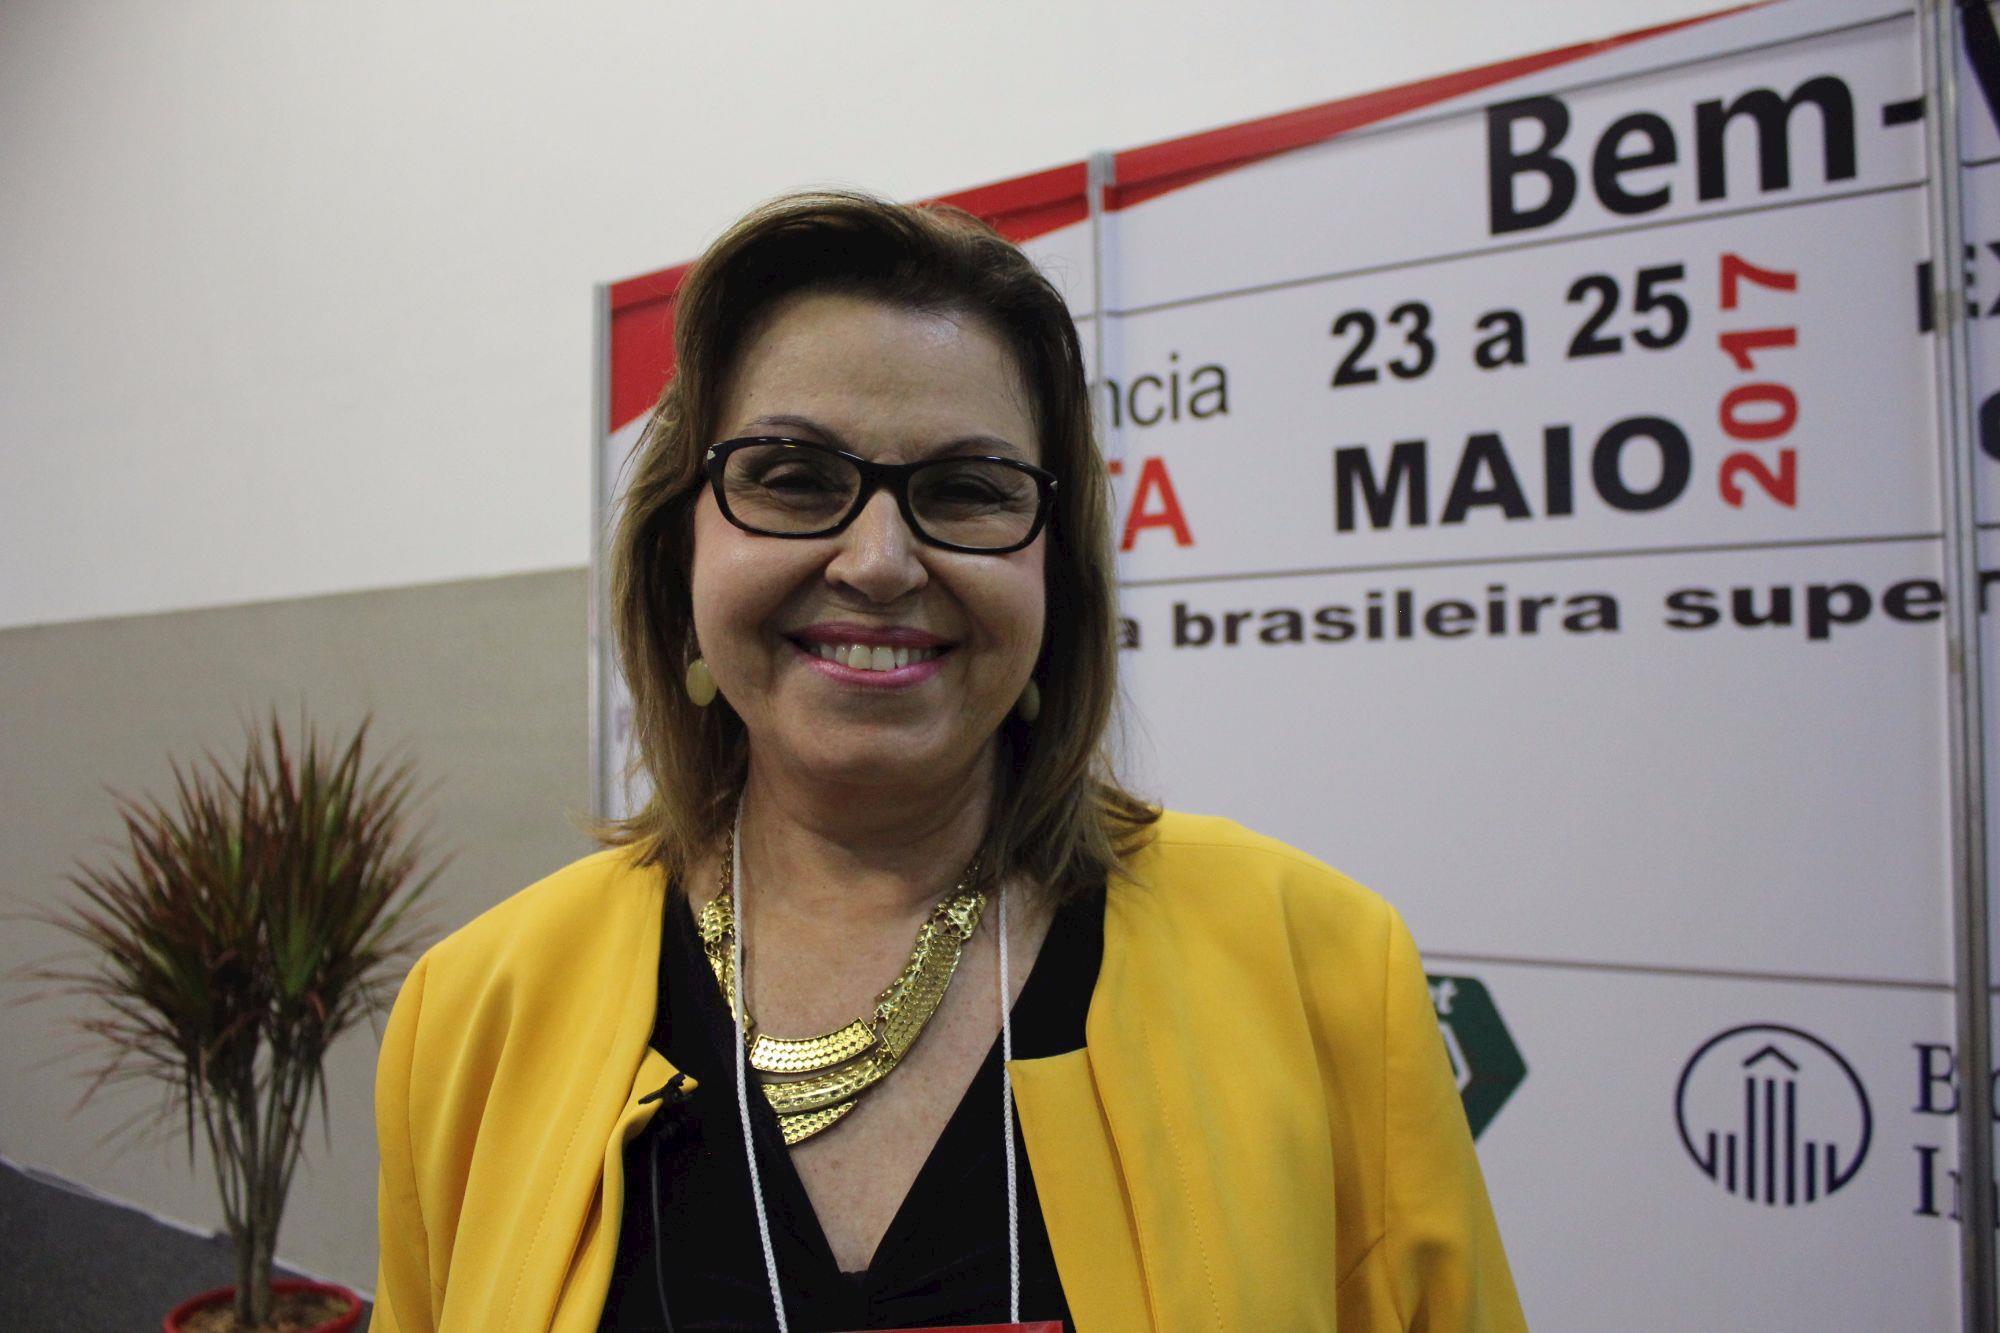 , Avicultura Industrial/Fernanda Oliva